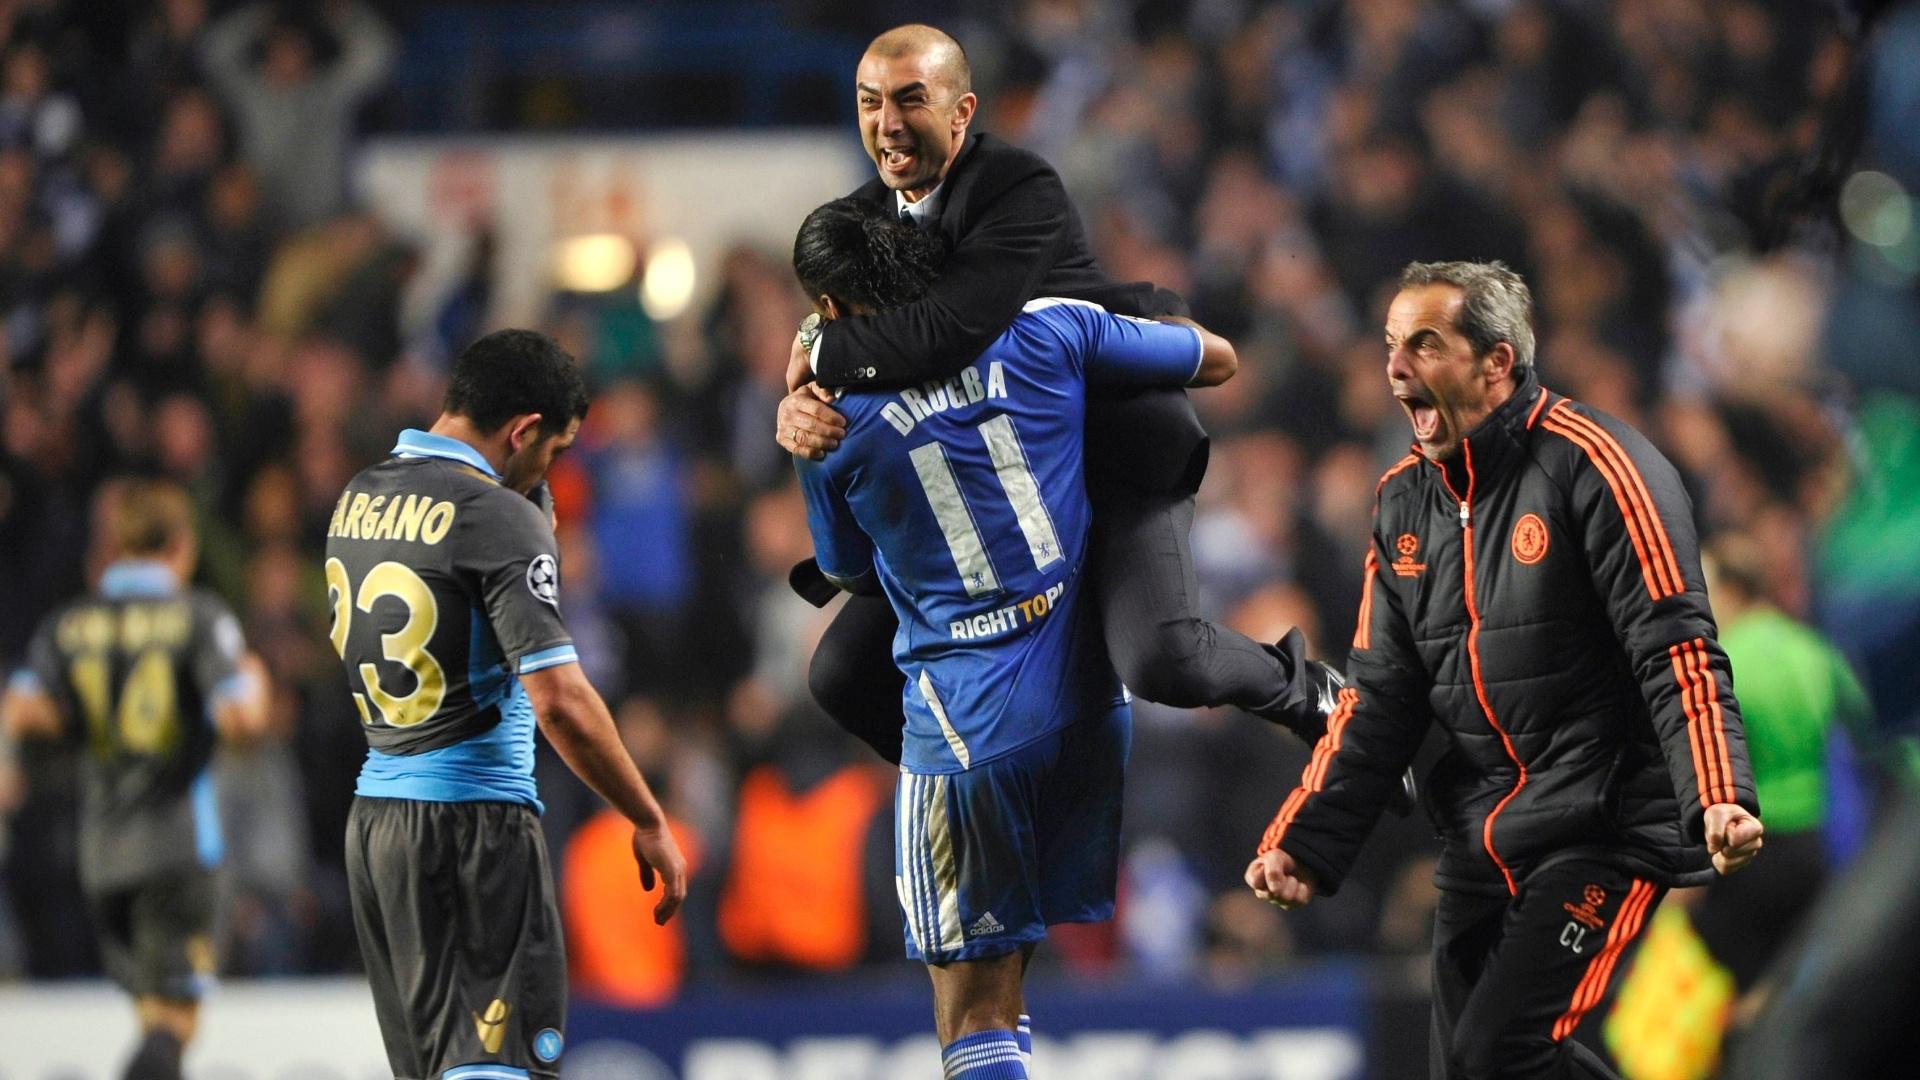 Roberto di Matteo, técnico do Chelsea, abraça Didier Drogba depois do time eliminar o Napoli, pela Liga dos Campeões de 2011/12